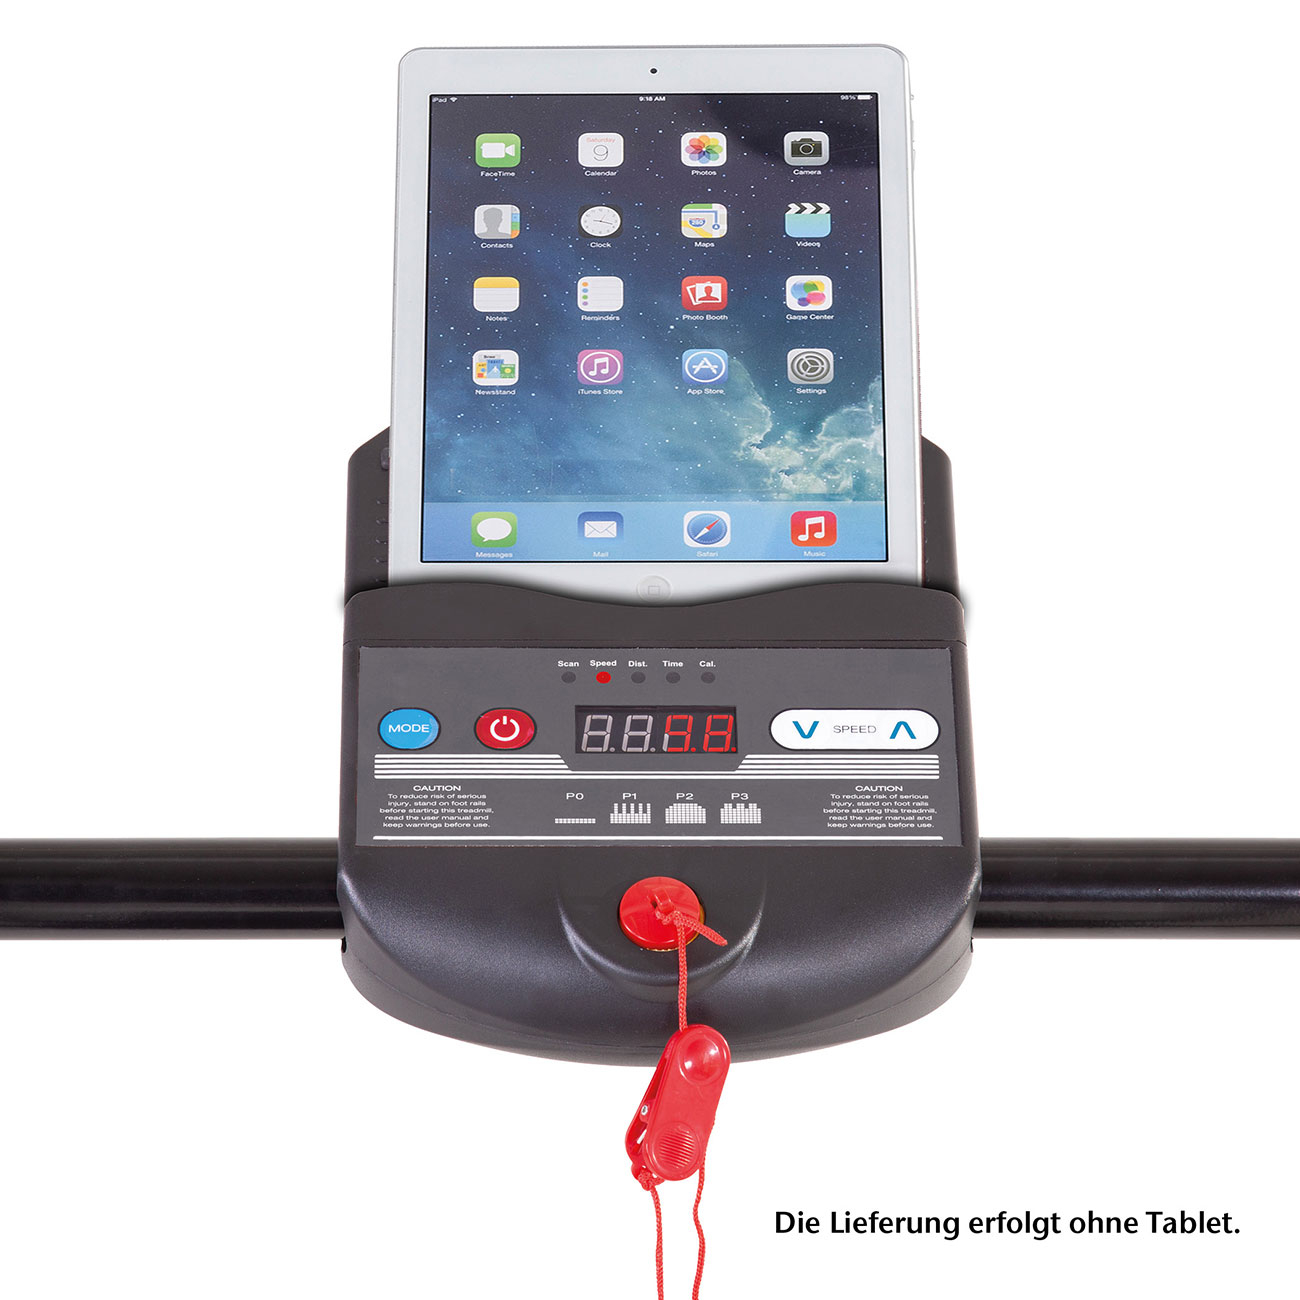 Das Display bietet Ihnen auch eine praktische Ablagefläche für Bücher, Zeitschriften oder ein Tablet.